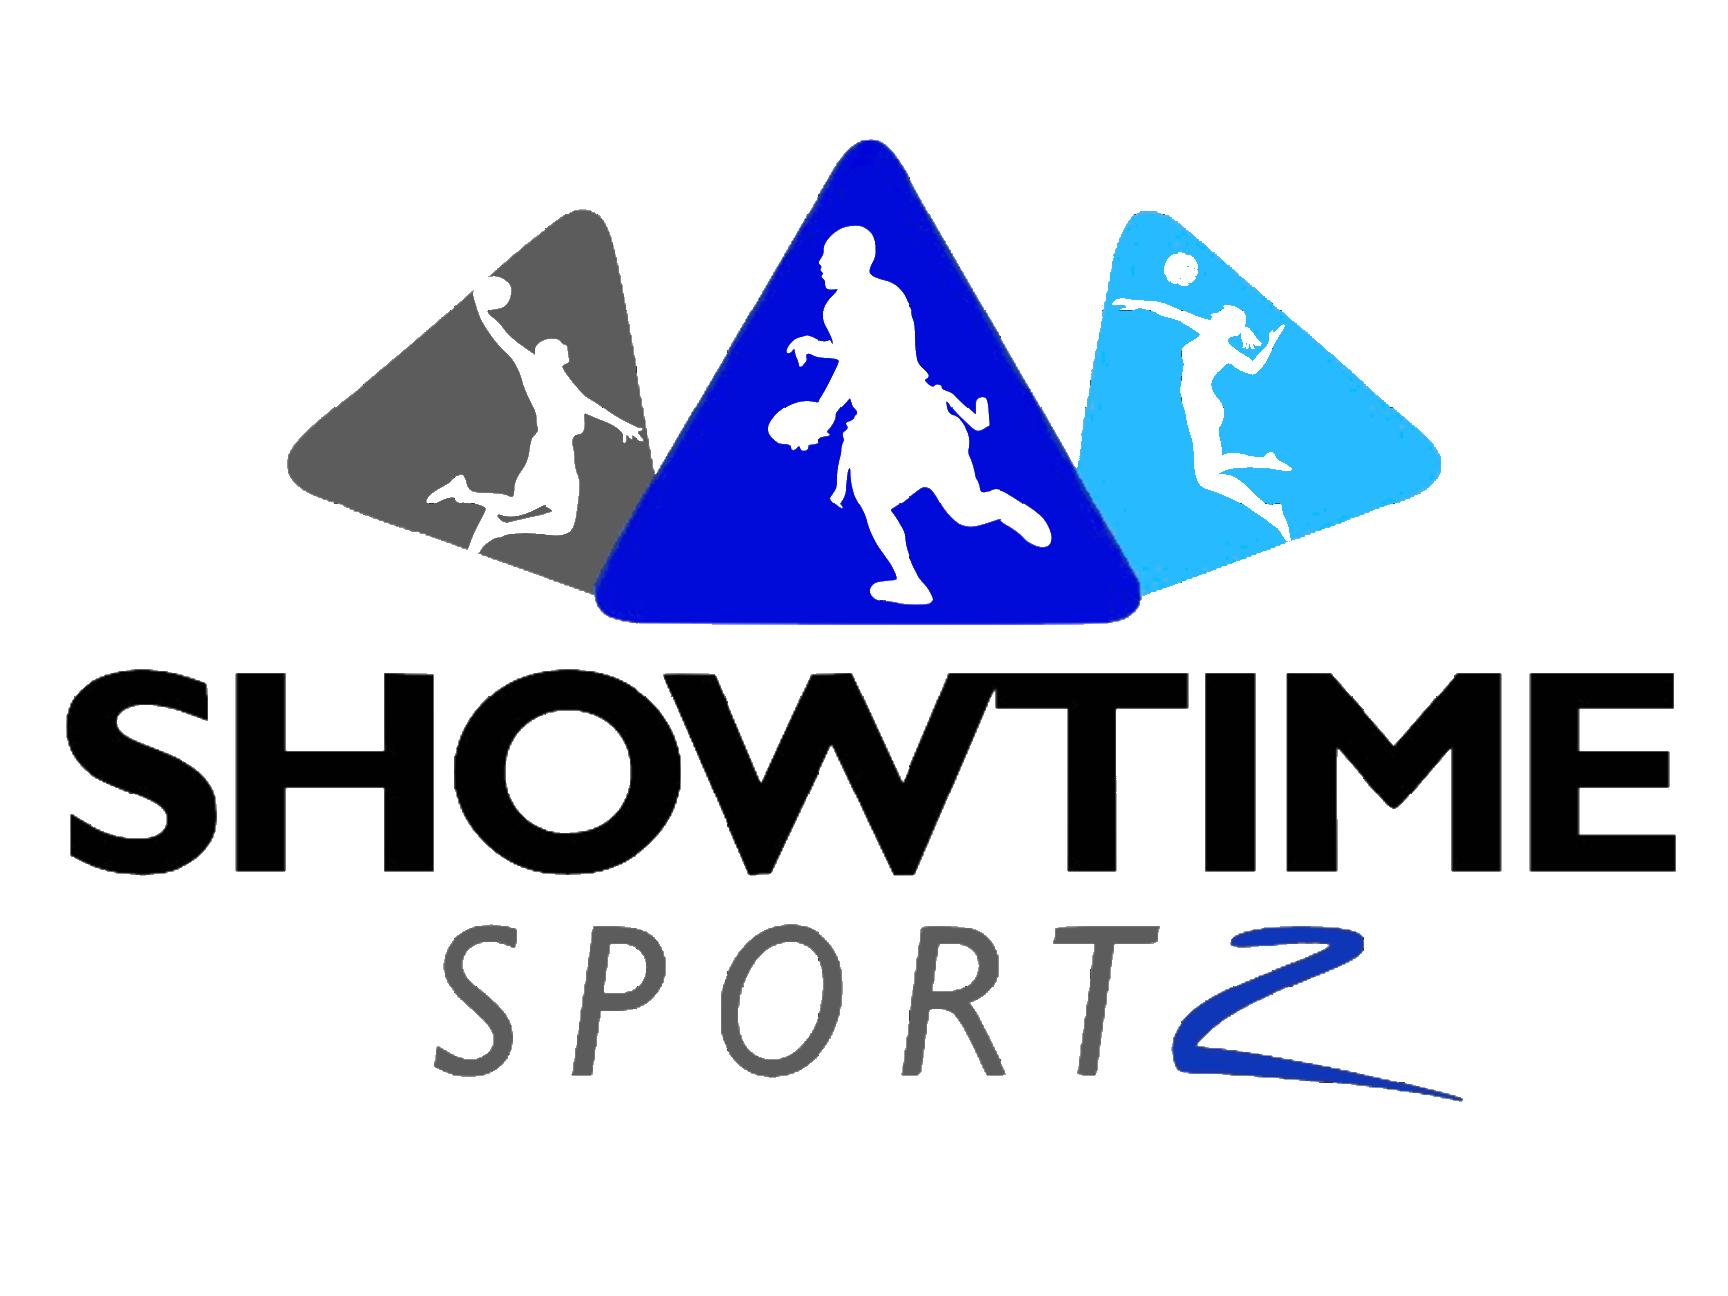 Showtime Sportz